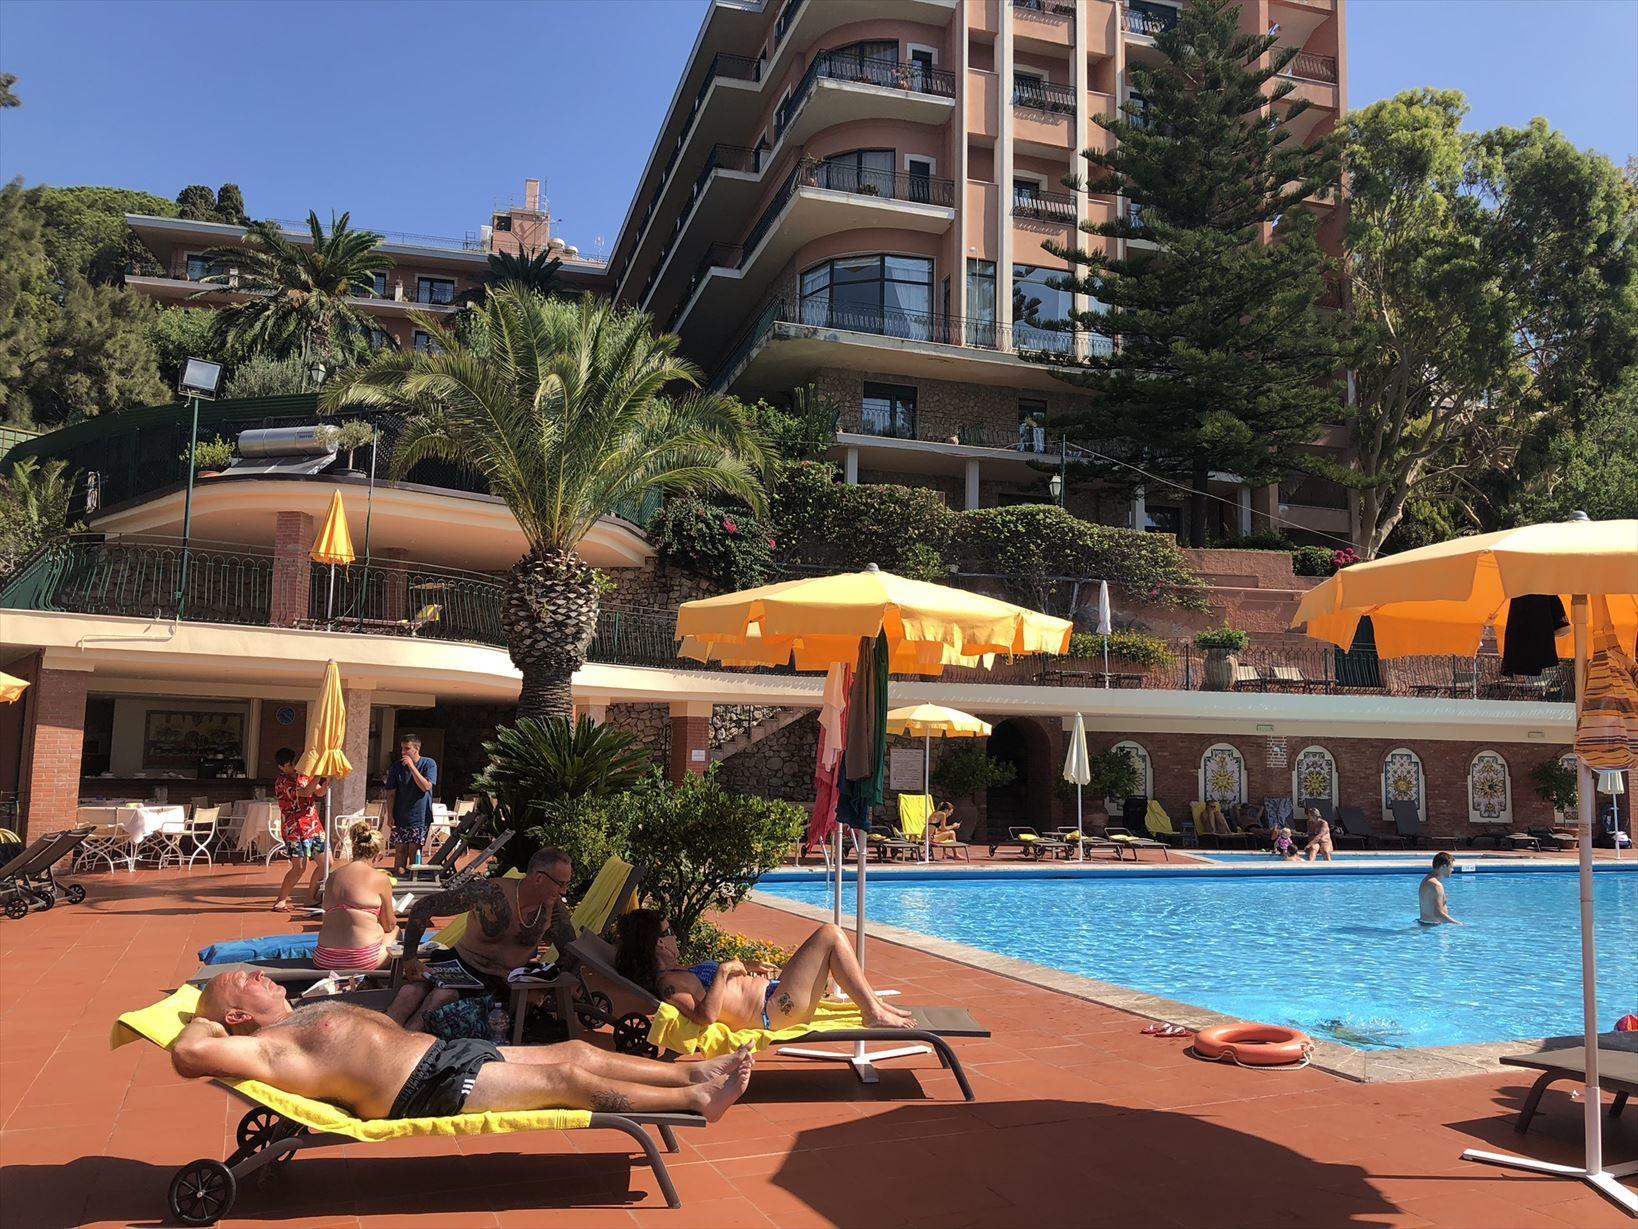 シチリア/41 タオルミーナのホテル Villa Diodoro_a0092659_13512049.jpg